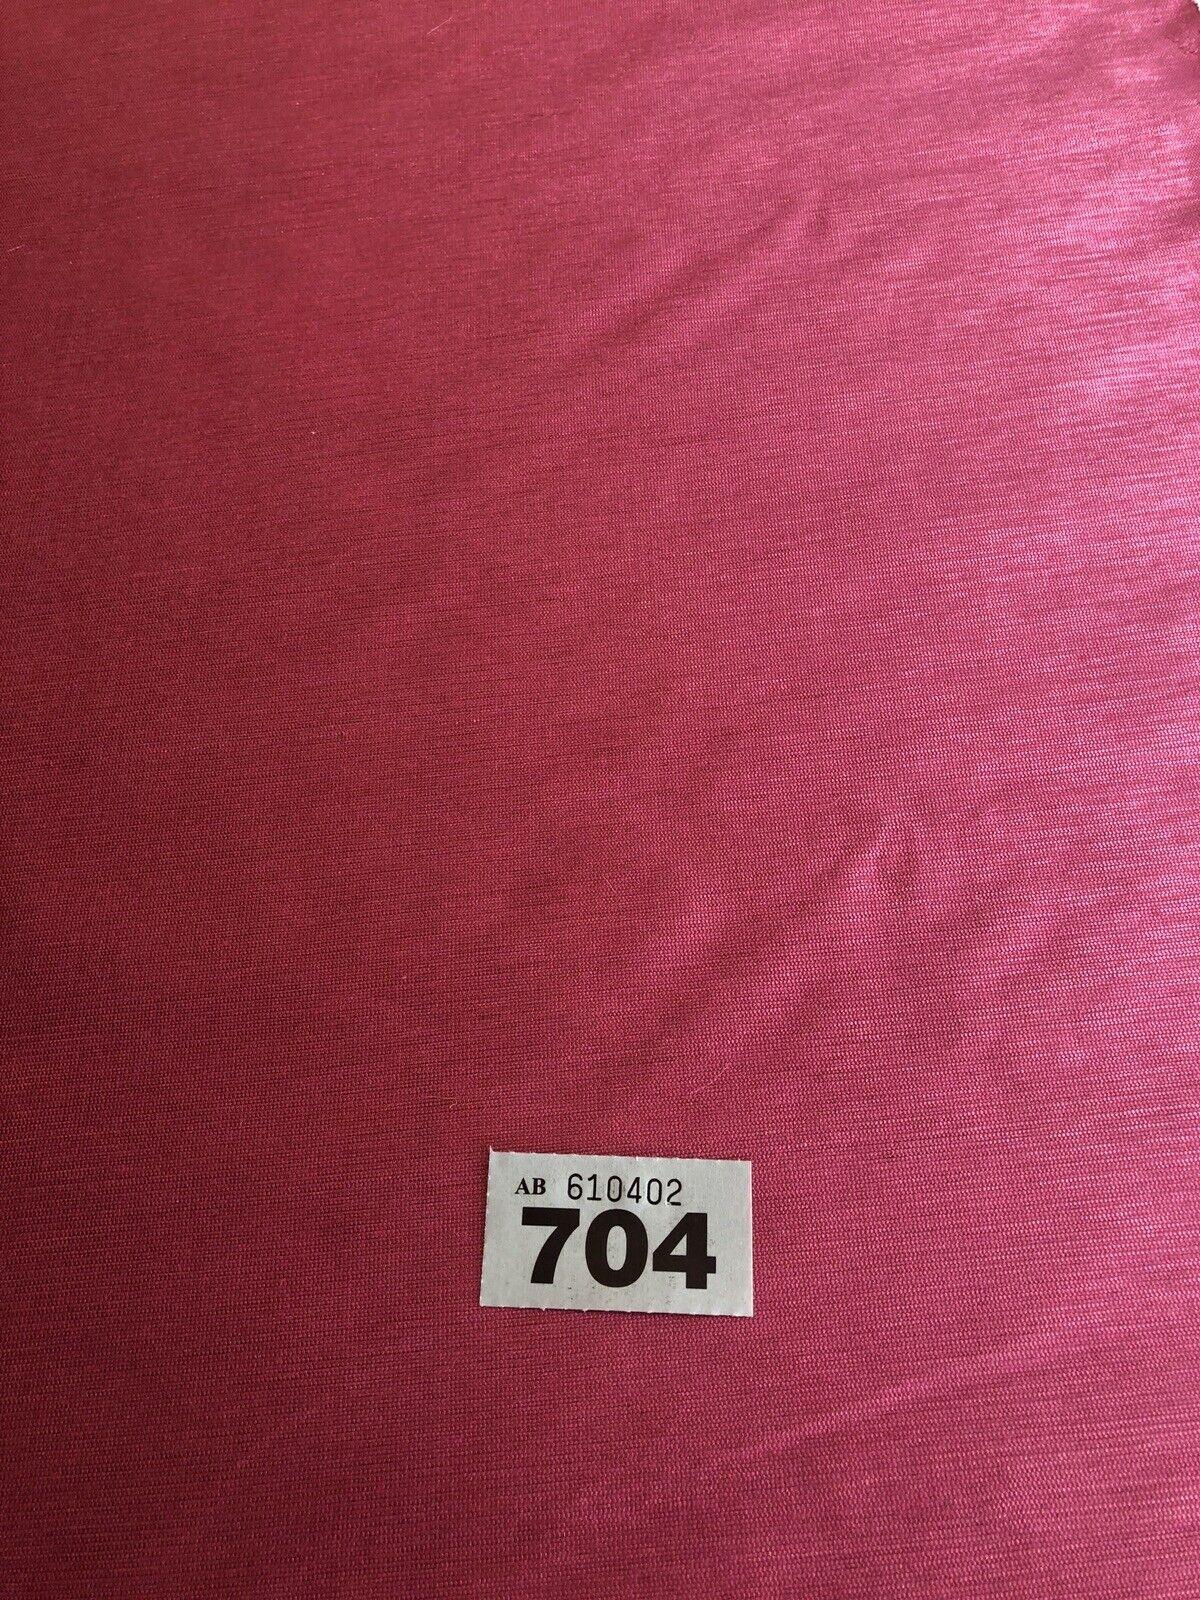 REMNAN Roll End Fabric Curtain Blind Cushion Cushion Cushion Craft 136x224cm 704 Rosa 34e870